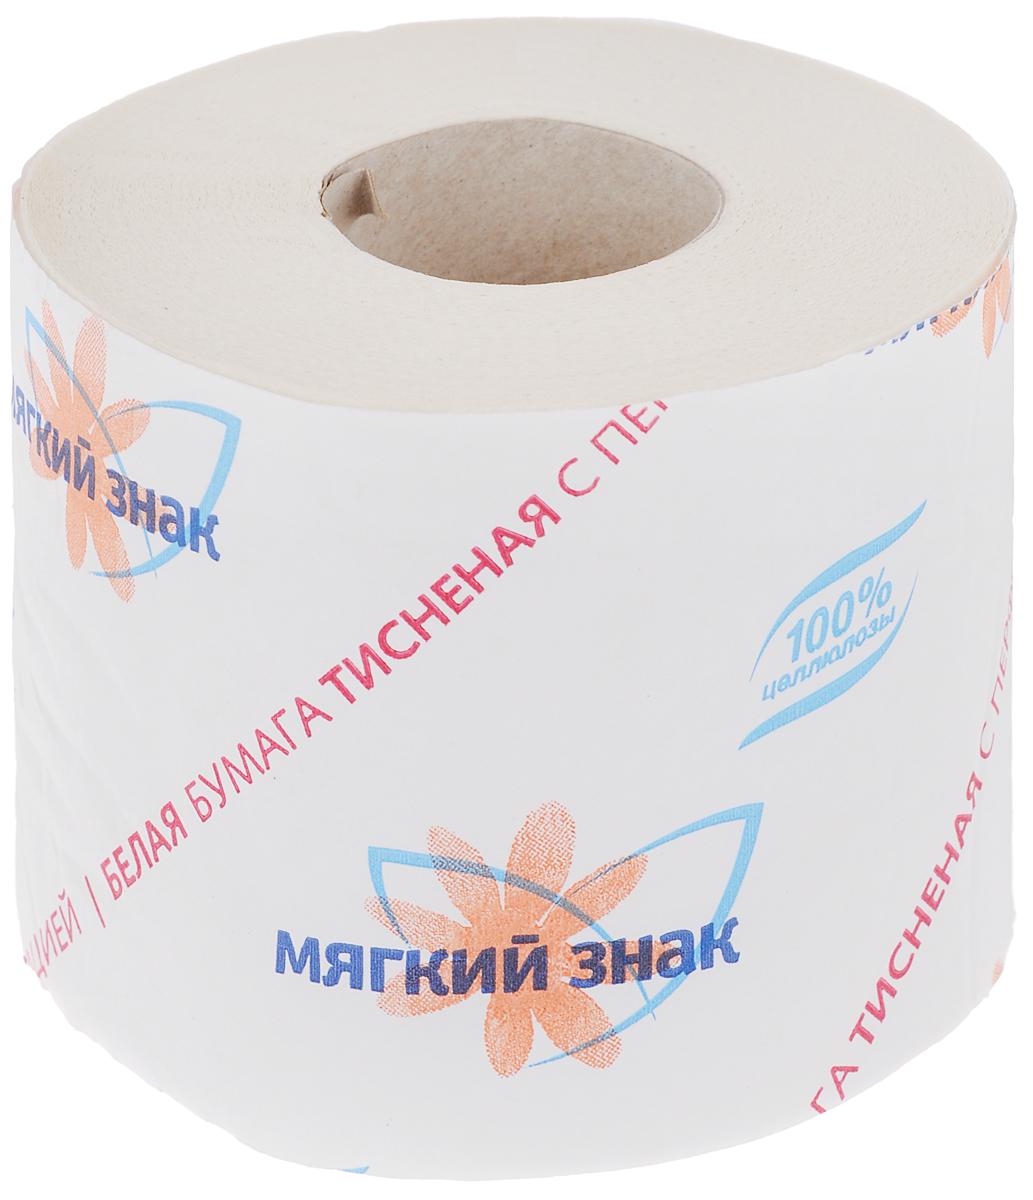 Бумага туалетная Мягкий знак, однослойная, цвет: белый, 52,5 мC28Туалетная бумага Мягкий знак изготовлена из целлюлозы белого цвета с тиснением. Однослойная туалетная бумага мягкая, нежная, но в тоже время прочная, с отрывом по линии перфорации. Состав: 100% целлюлоза. Количество слоев: 1. Размер листа: 12,5 см х 9 см. Длина рулона: 52,5 ± 2,6 м.